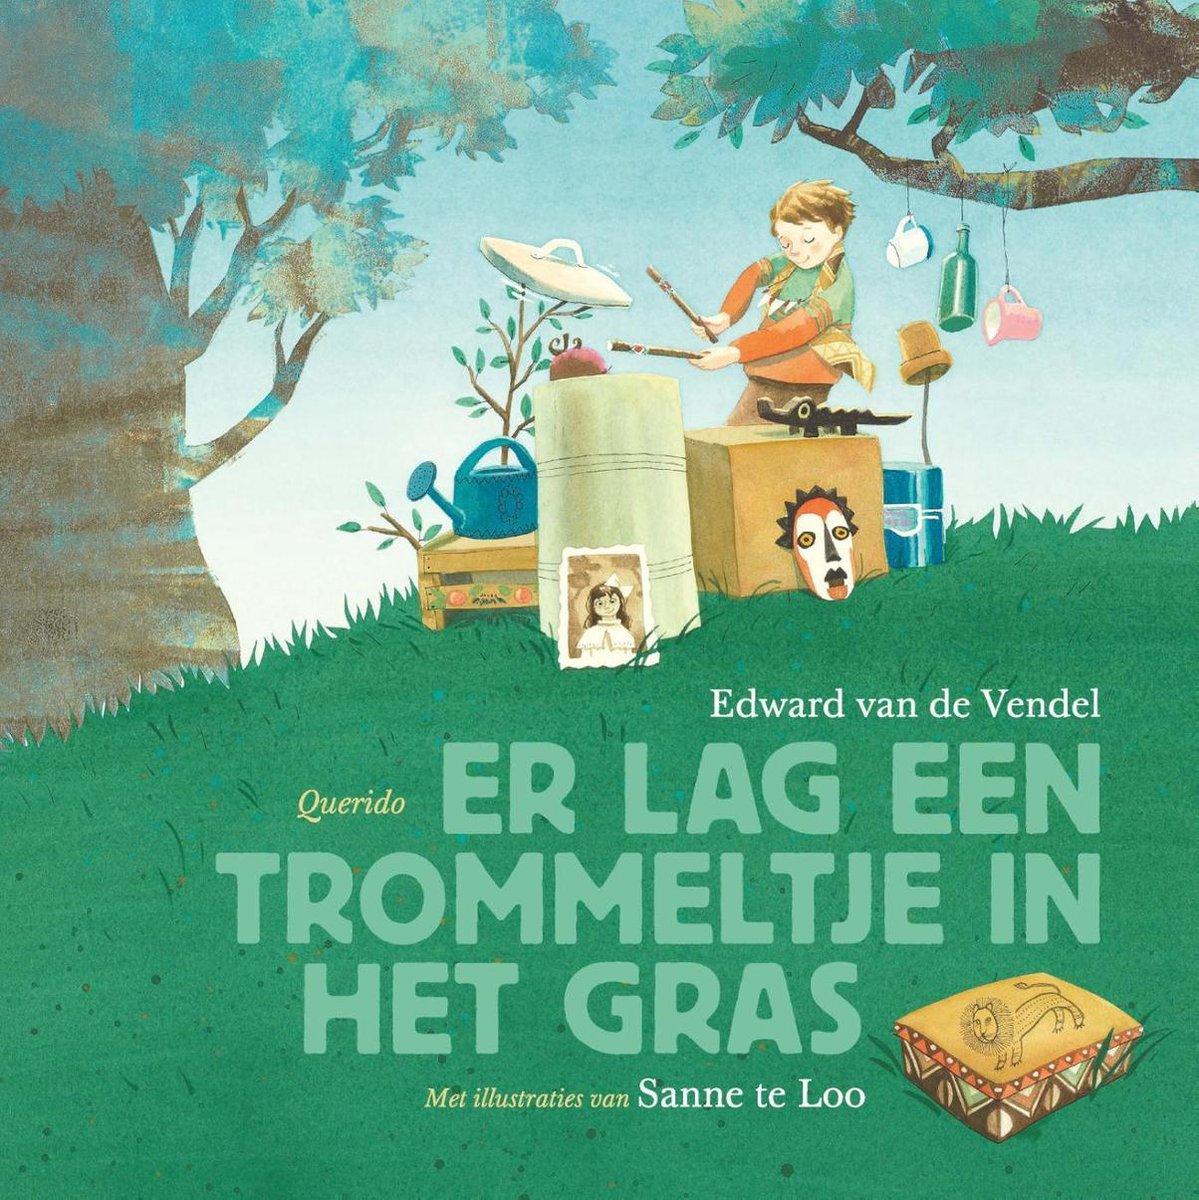 bol.com | Er lag een trommeltje in het gras, Edward van de Vendel | 9789045124889 | Boeken